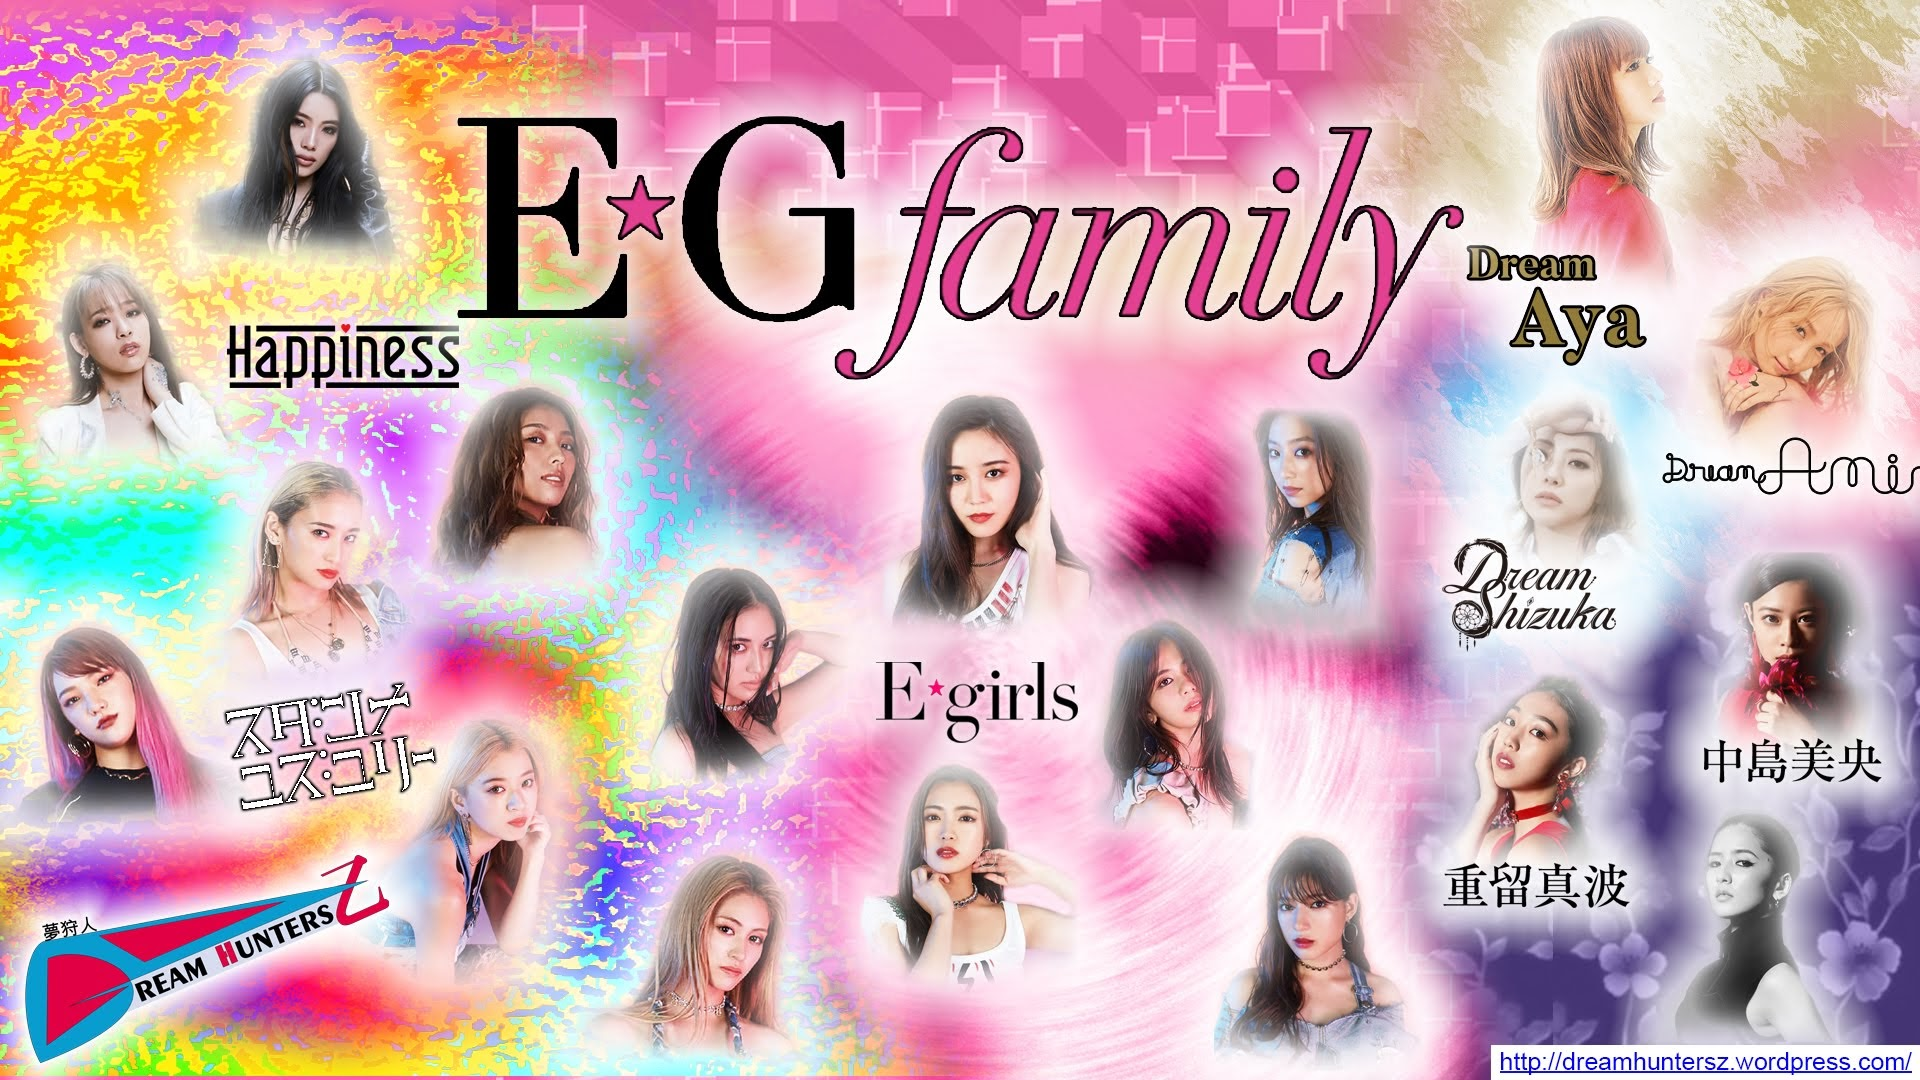 E.G.family montagem feita por mim.